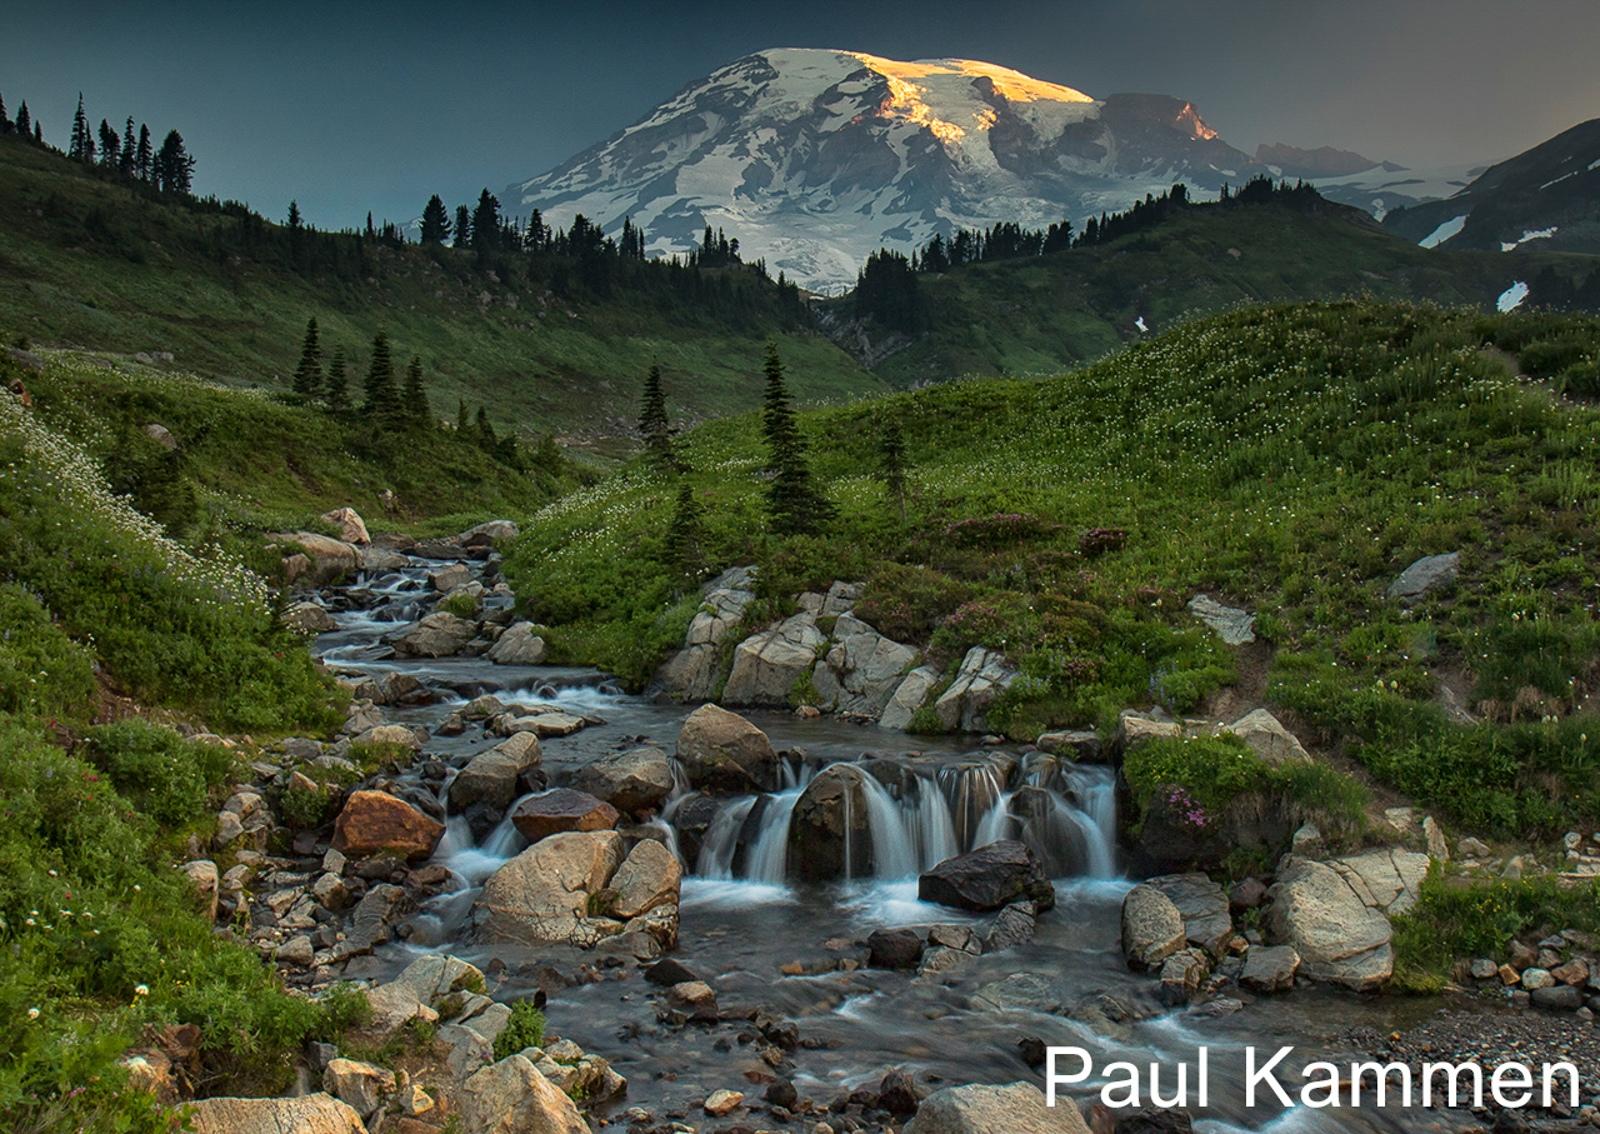 W3-19.Mount-Rainier-Sunrise